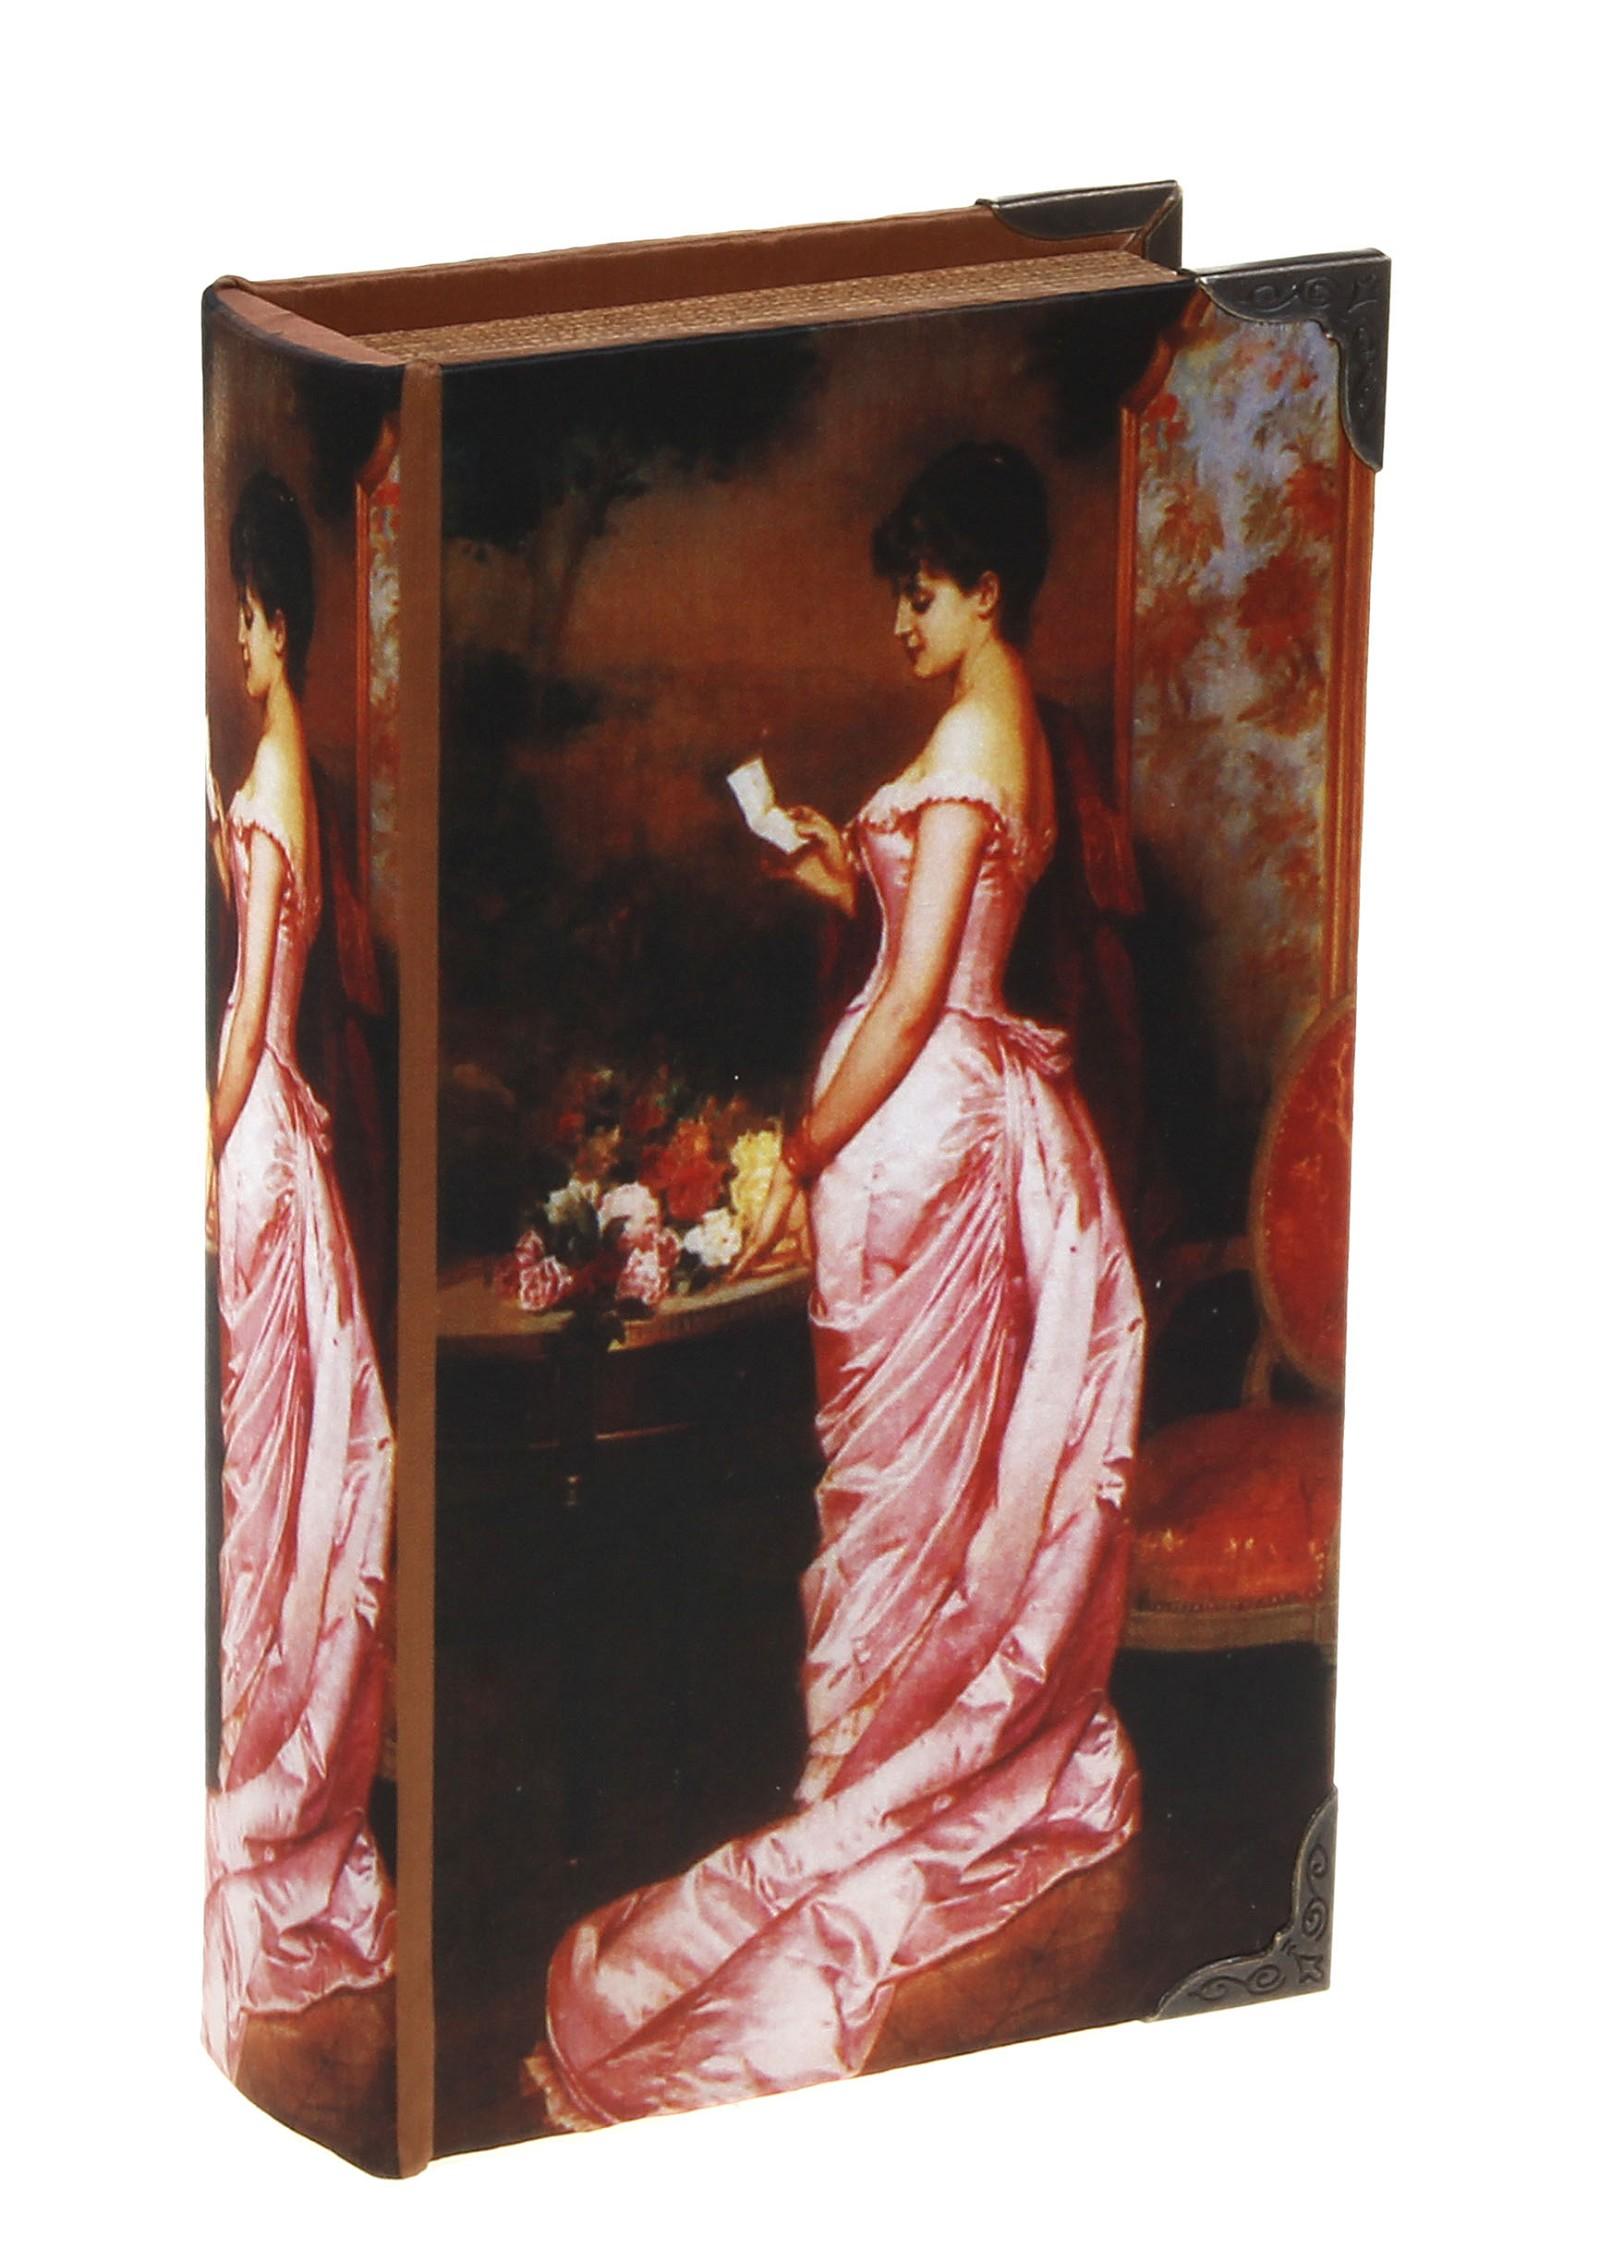 Сейф Леди в розовом, с ключом. 521784521784Сейф Леди в розовом предназначен для хранения денежных средств и ценностей. Обложка, выполненная из дерева, обтянута шелковистой тканью с изображением девушки в розовом платье и оформлена металлическими уголками. Внутри содержится металлический сейф, надежно закрывающийся на ключ. Такой сейф прекрасно подойдет для хранения драгоценностей. Оригинальный и вместительный, он станет чудесным подарком и обязательно порадует получателя. ВНИМАНИЕ! Данный вид сейфа открывается как книга!